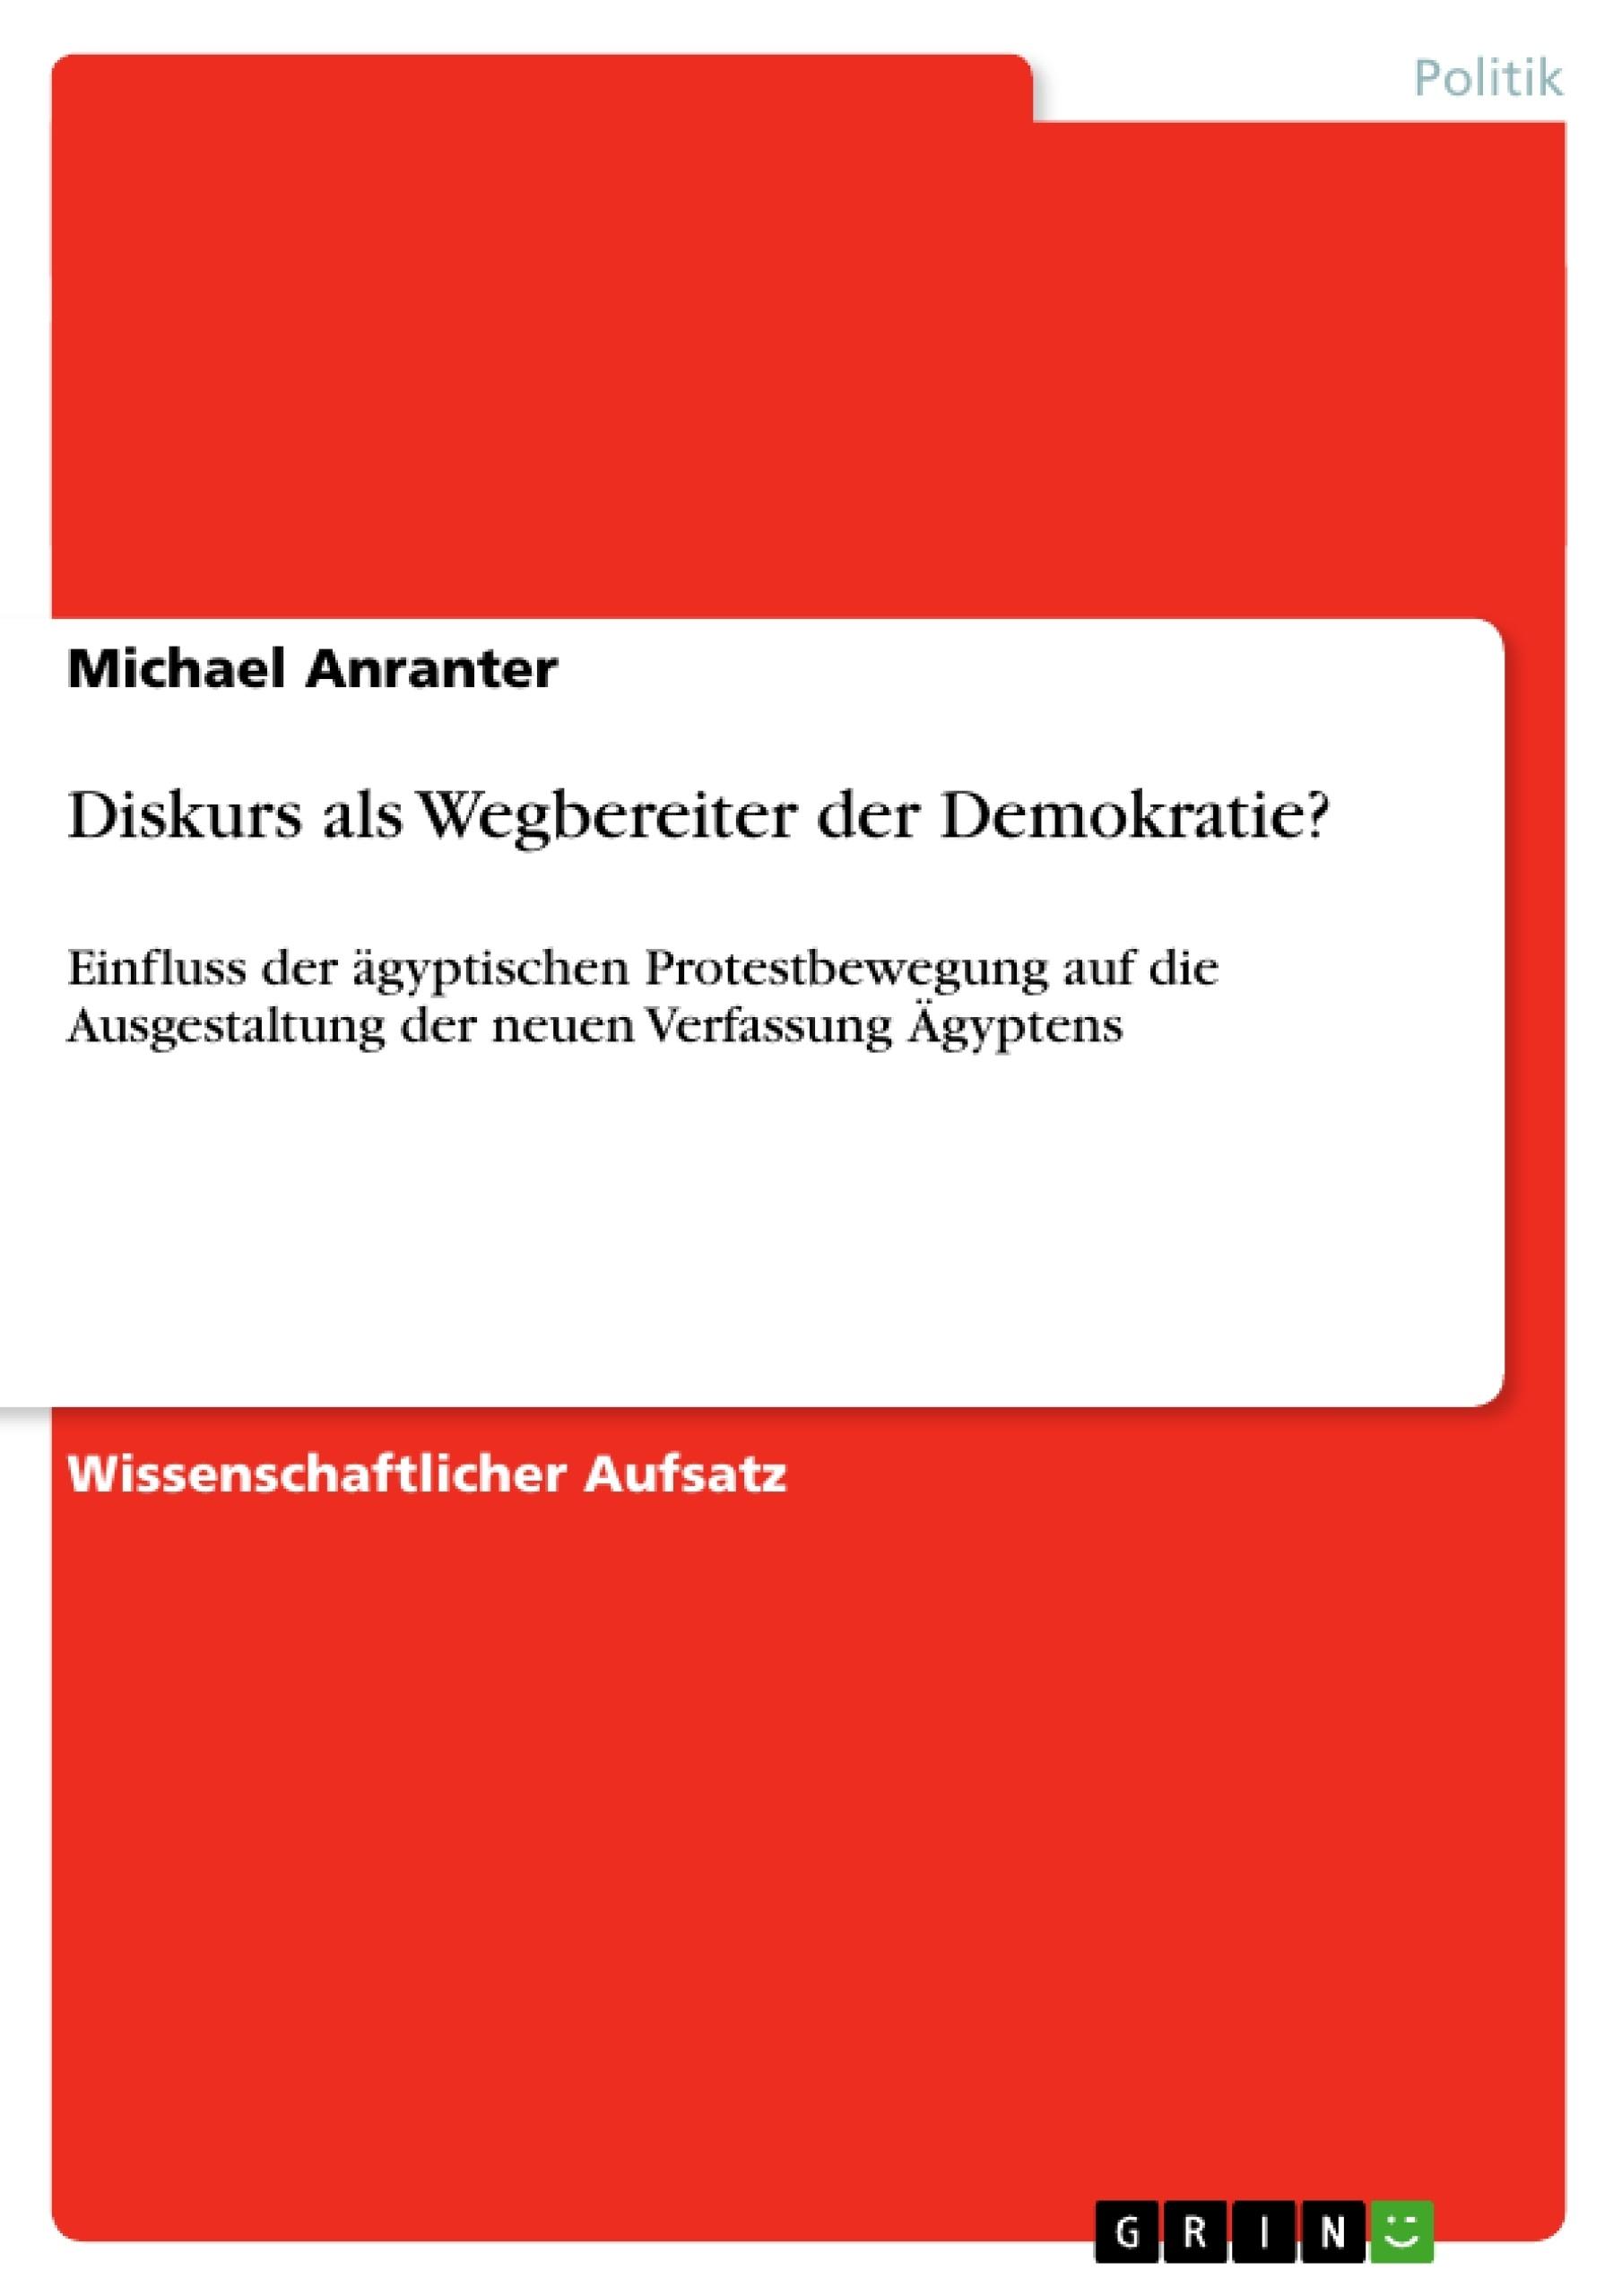 Titel: Diskurs als Wegbereiter der Demokratie?